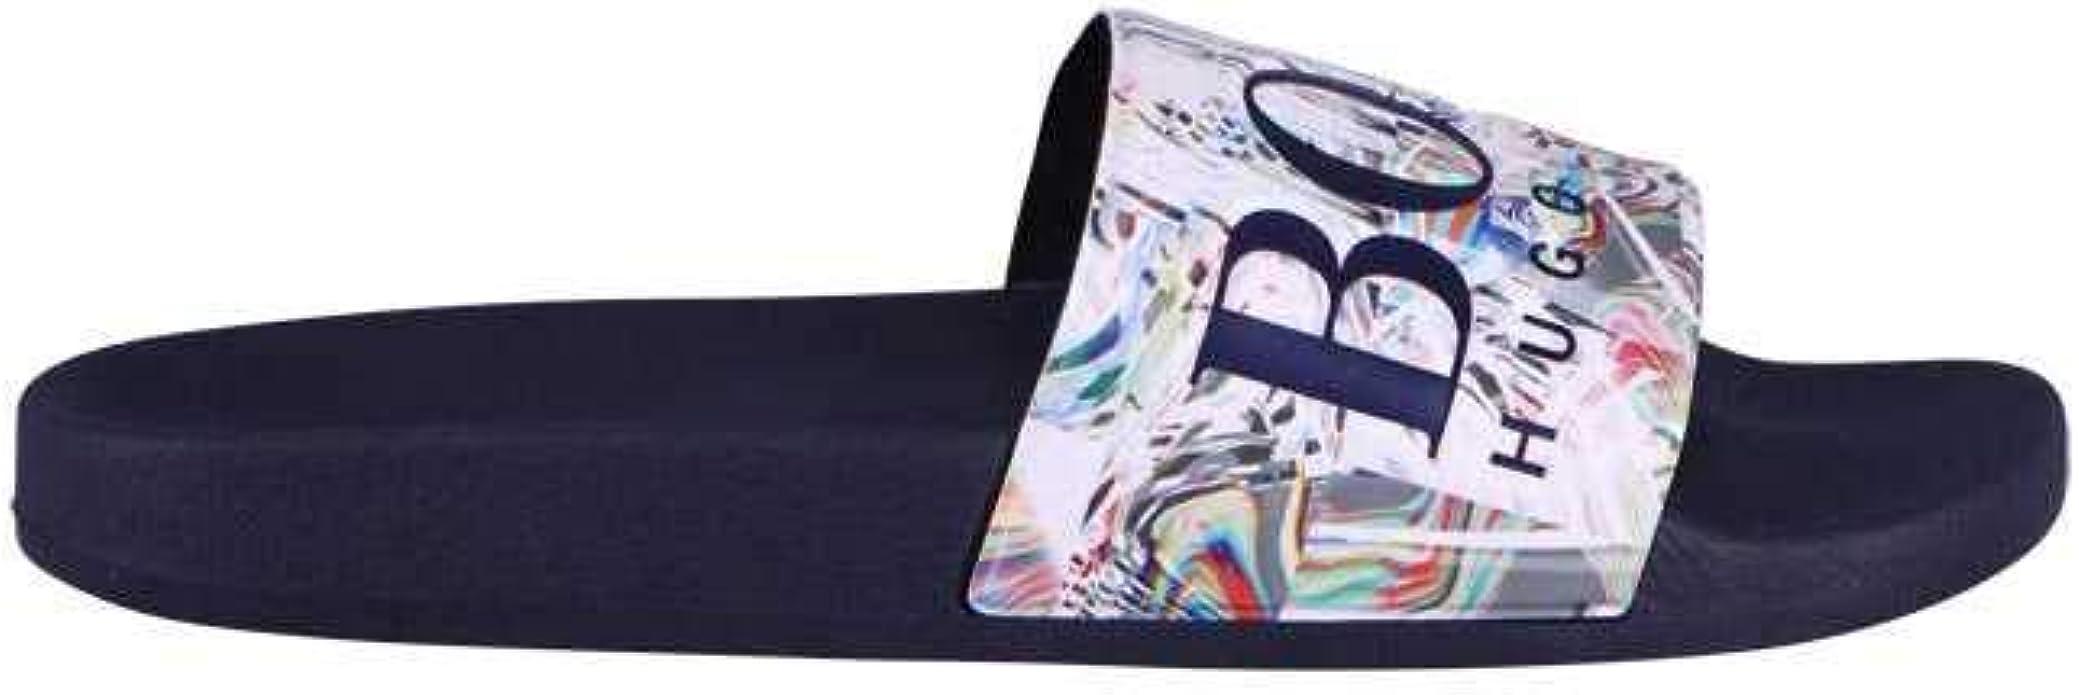 Hugo Boss | 50388496 120 Solar Flip Flop Slider - Black Multi 9 Navy: Amazon.es: Zapatos y complementos